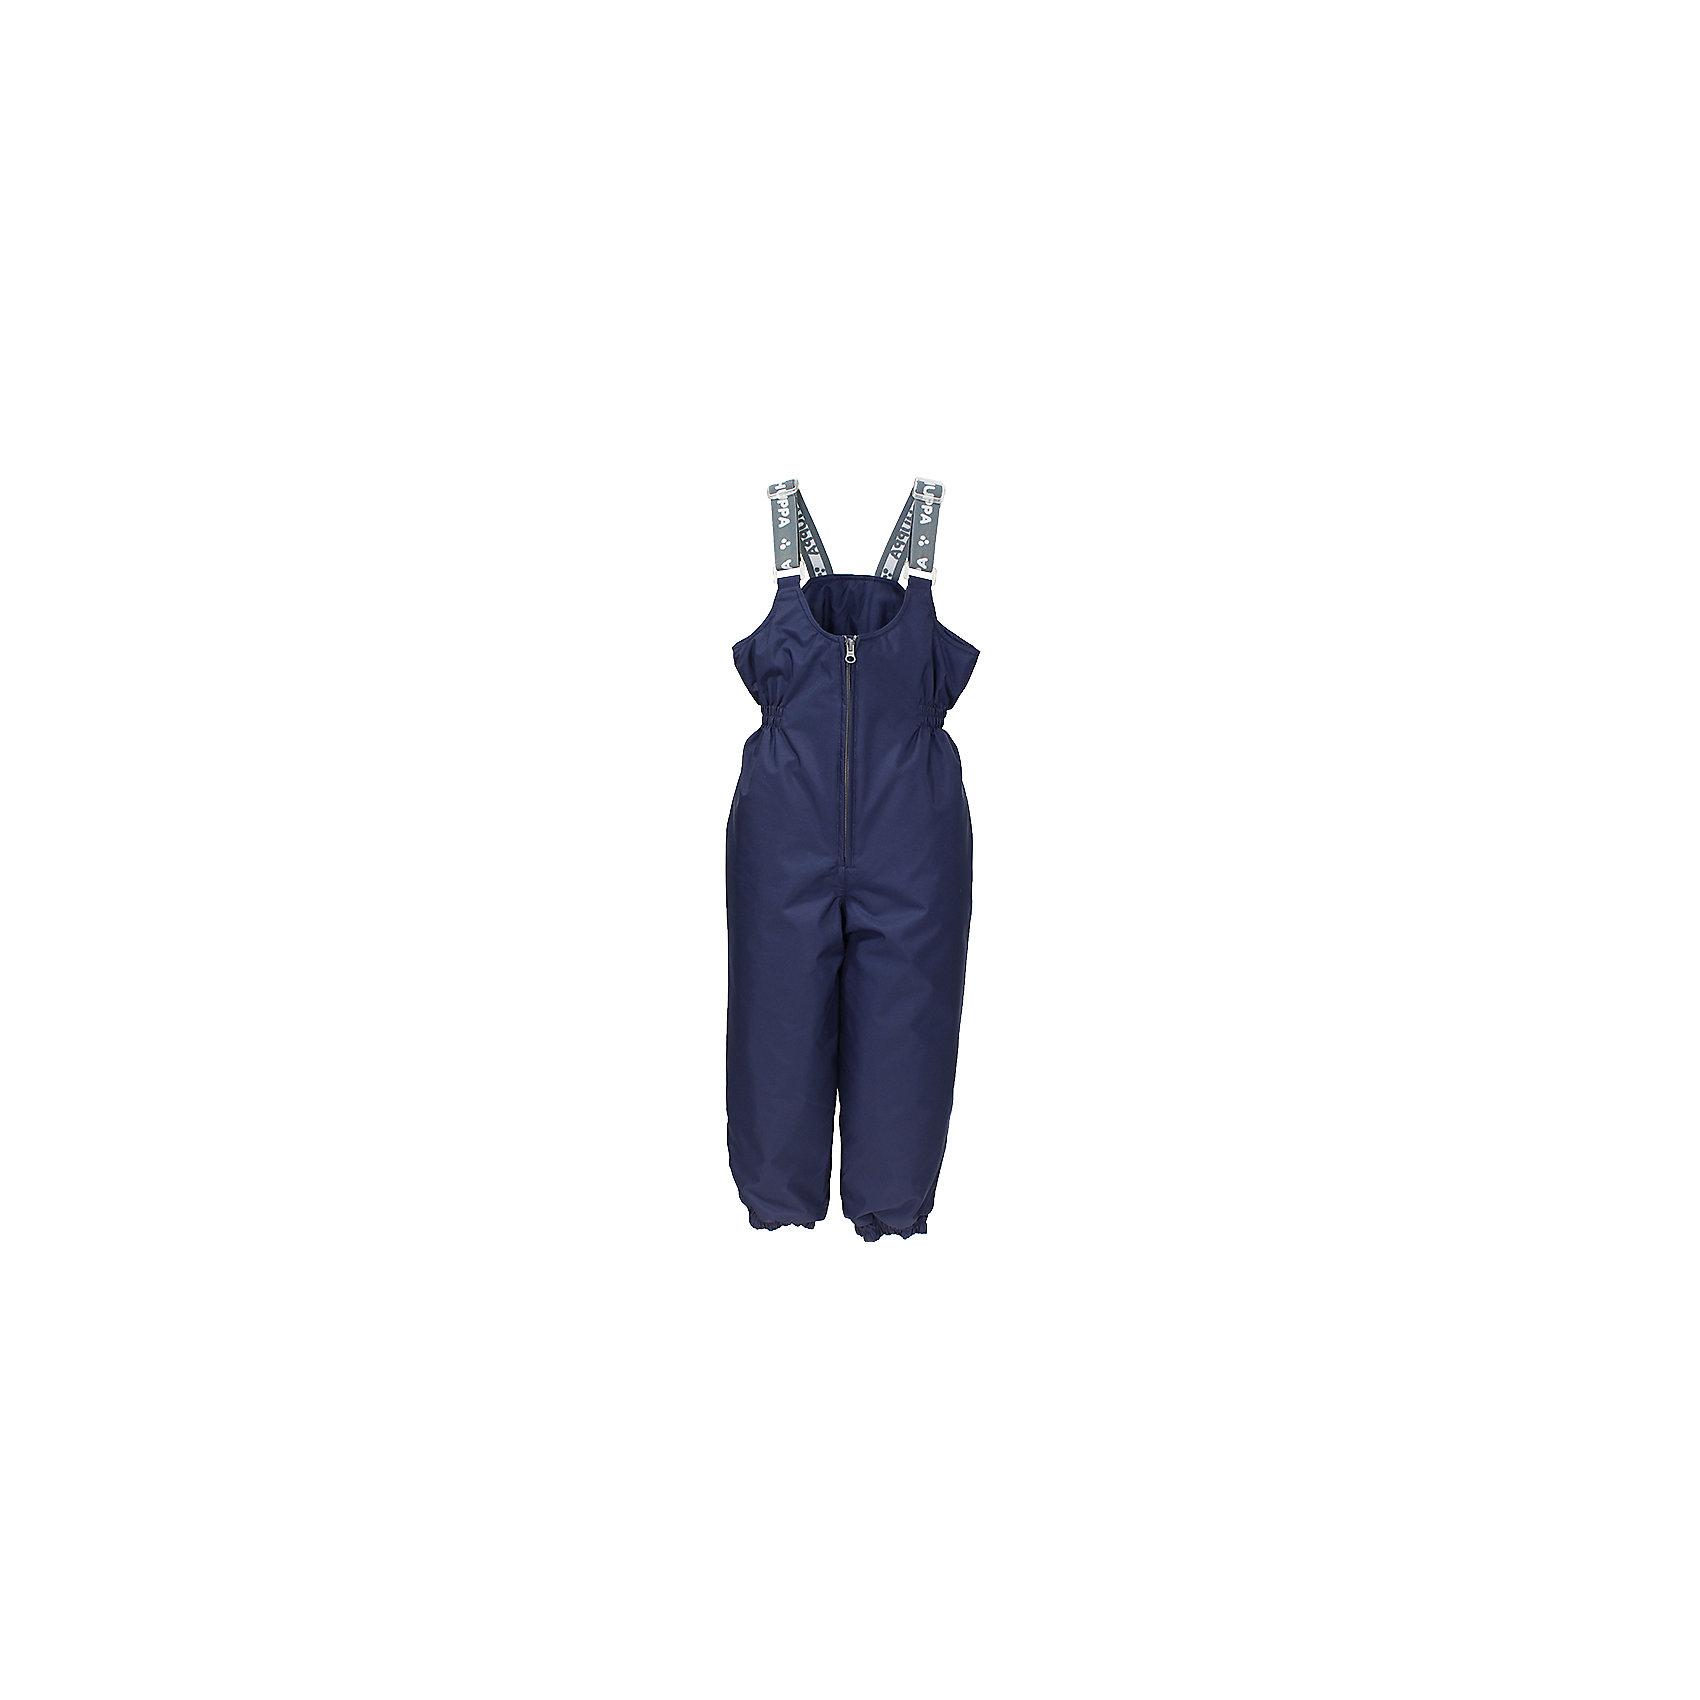 Брюки для мальчика HuppaВерхняя одежда<br>Утепленные брюки FUNNY Huppa(Хуппа).<br><br>Утеплитель: 100% полиэстер, 160 гр.<br><br>Температурный режим: до -20 градусов. Степень утепления – средняя. <br><br>* Температурный режим указан приблизительно — необходимо, прежде всего, ориентироваться на ощущения ребенка. Температурный режим работает в случае соблюдения правила многослойности – использования флисовой поддевы и термобелья.<br><br>Изготовлены из прочных и качественных материалов. Они прекрасно подойдут для зимних прогулок и активного отдыха.<br><br>Особенности:<br>-утеплитель HuppaTherm легко восстанавливается в объеме. Его легко стирать и сушить<br>-специальная дышащая мембрана не пропустит воду и ветер под одежду<br>-проклейка швов водостойкой лентой<br>-резинка на талии и манжетах помогут брюкам хорошо держаться на теле<br>-регулируемые подтяжки<br>-светоотражающие элементы для обеспечения безопасности в темное время суток<br><br>Дополнительная информация:<br>Цвет: темно-синий<br>Материал: 100% полиэстер<br>Подкладка: тафта - 100% полиэстер<br><br>Брюки FUNNY Huppa(Хуппа) можно купить в нашем интернет-магазине.<br><br>Ширина мм: 215<br>Глубина мм: 88<br>Высота мм: 191<br>Вес г: 336<br>Цвет: синий<br>Возраст от месяцев: 18<br>Возраст до месяцев: 24<br>Пол: Мужской<br>Возраст: Детский<br>Размер: 92,104,110,116,122,128,134,140,98,80,86<br>SKU: 4928423